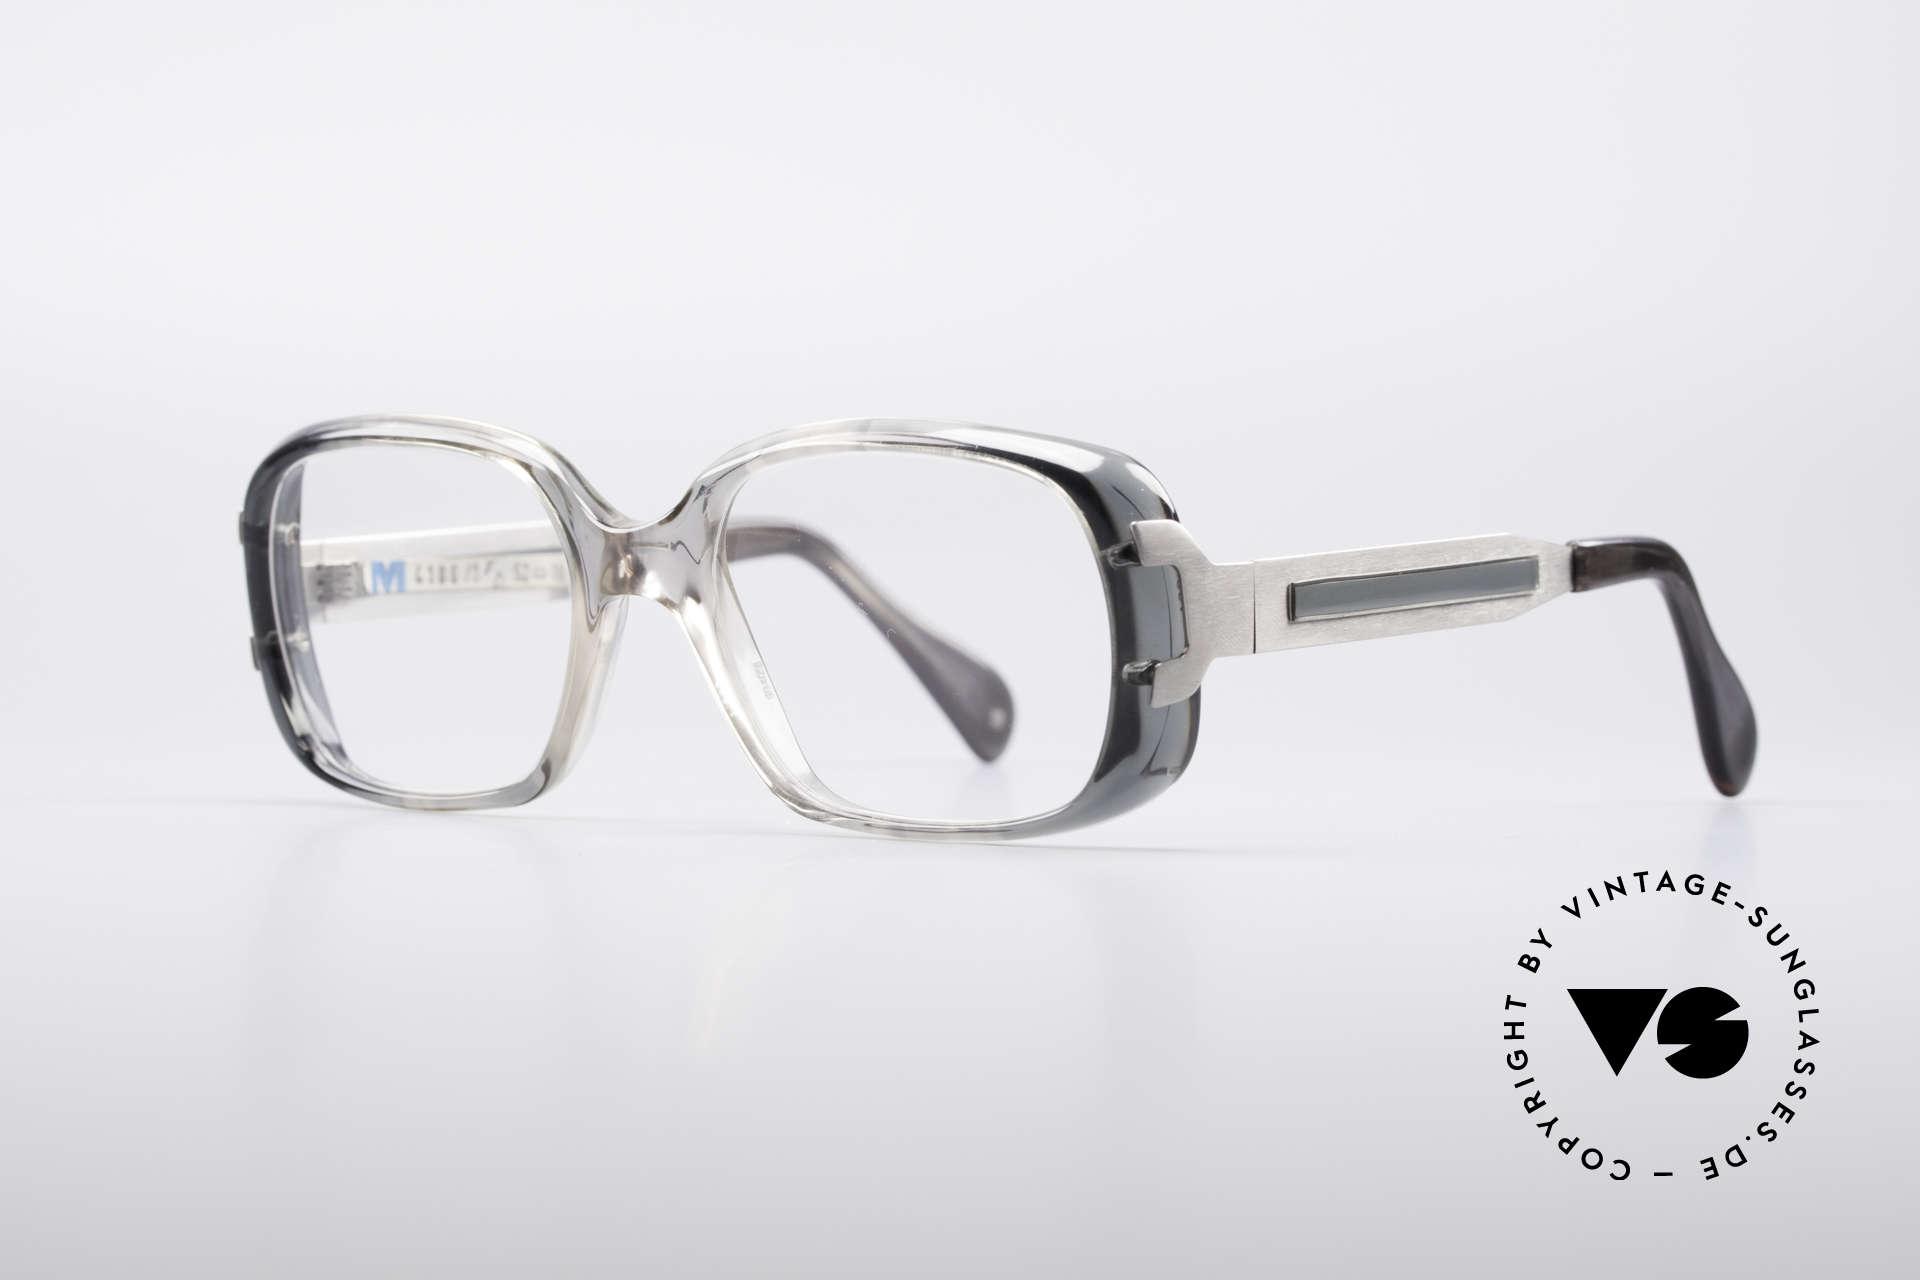 Metzler 4186 Echt 80er Vintage Kombibrille, enorm robuster Rahmen, 133mm breit (Medium Größe), Passend für Herren